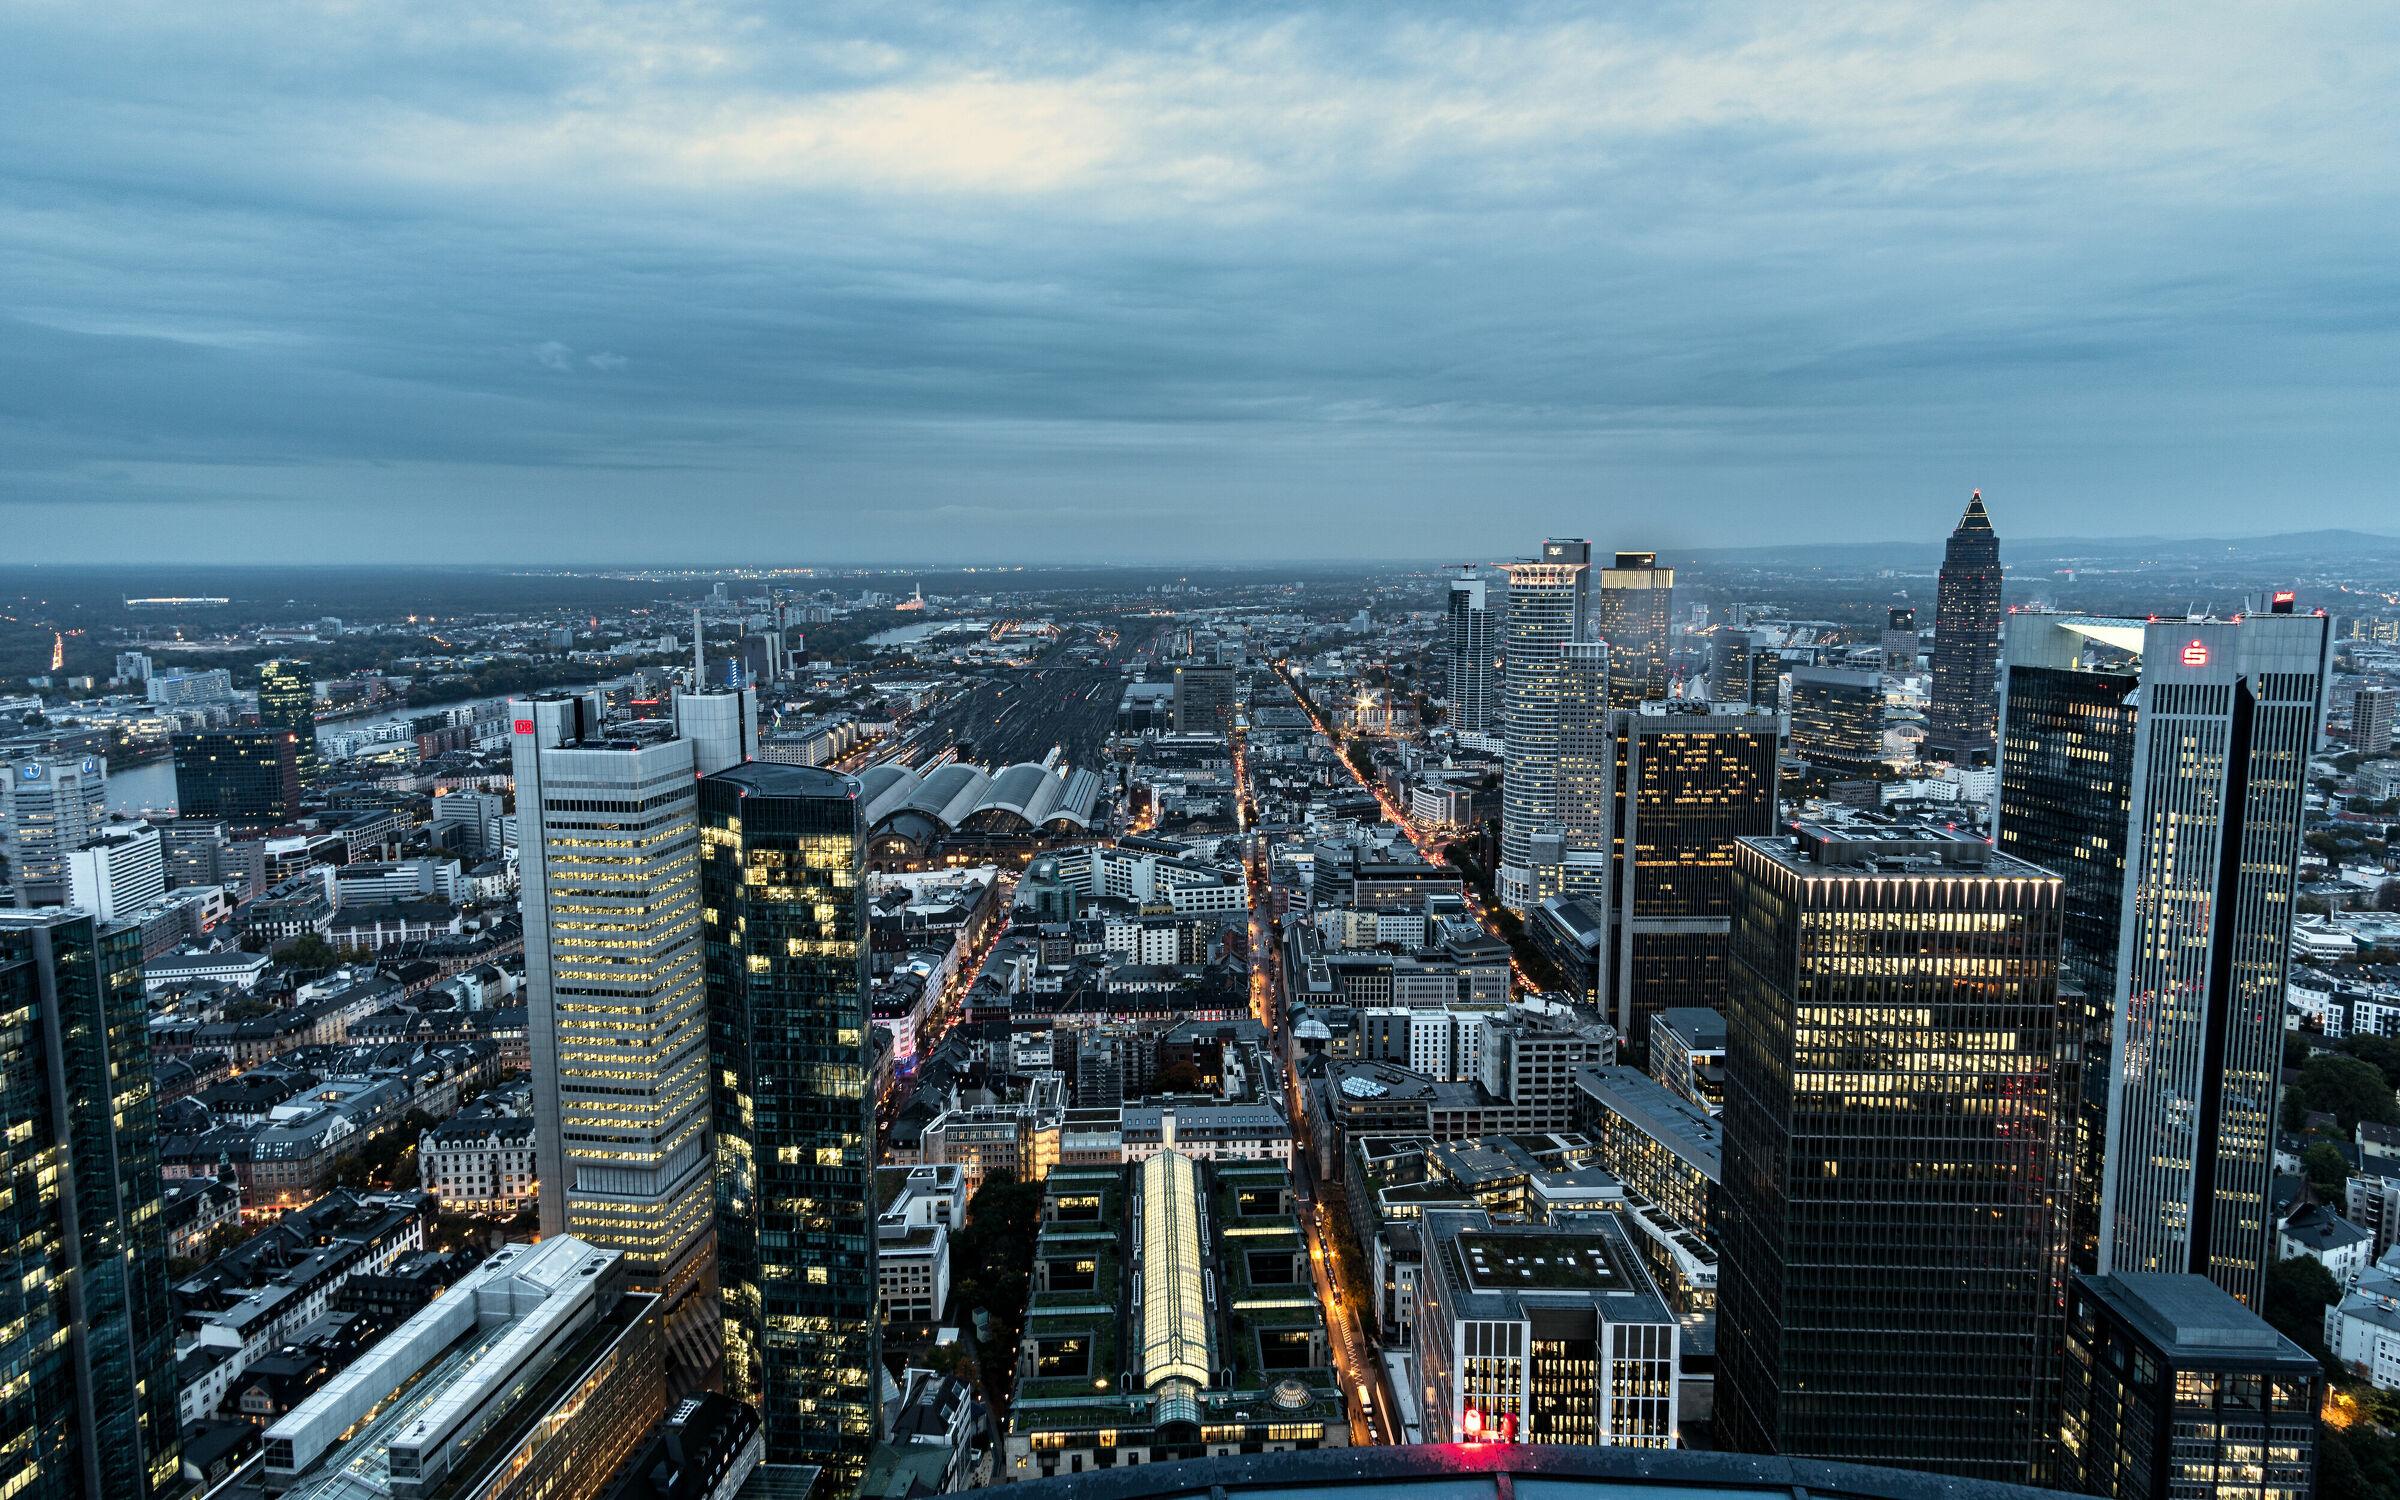 Bild mit Architektur, Städte, Skylines & Hochhäuser, Frankfurt am Main, Nacht, wolkenkratzer, Hochhäuser, Lichter